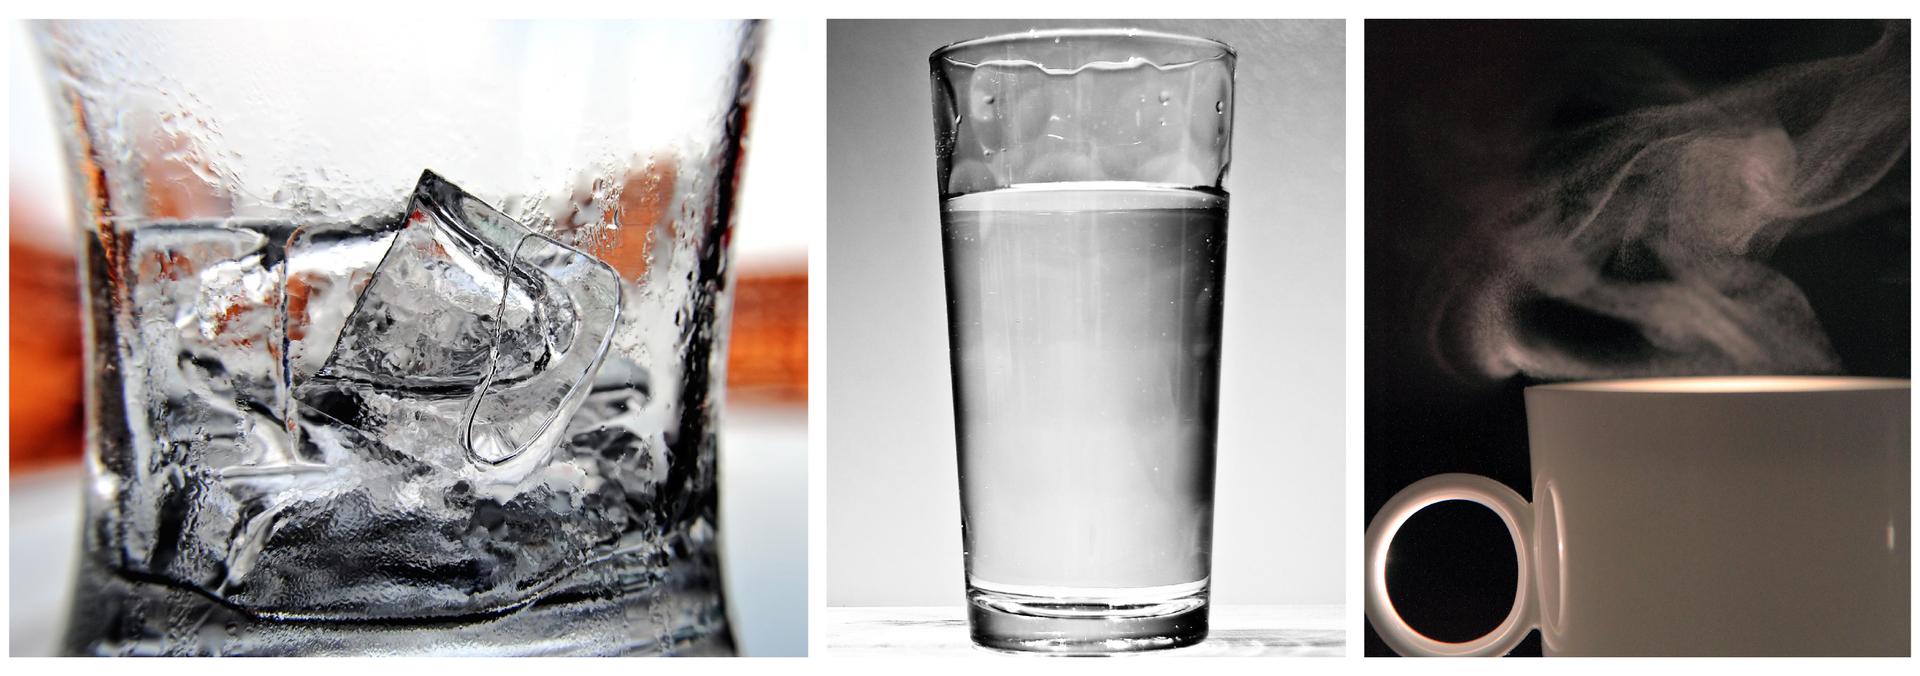 Zdjęcie składa się ztrzech innych zdjęć. Na pierwszym zdjęciu znajduje się przezroczysta szklanka. Szklanka zajmuje cały obszar zdjęcia. Górna krawędź szklani nie została ukazana. Wśrodku szklanki znajduje się kilka kostek lodu. Drugie zdjęcie przedstawia szklankę zwodą. Szklanka wypełnia całą powierzchnię zdjęcia ijest widoczna wcałości. Szklanka jest prawie pełna. Tło jasnoszare. Na trzecim zdjęciu znajduje się fragment porcelanowej filiżanki. Tło ciemne. Nad filiżanką unoszą się kropelki mgły, które są wynikiem skroplenie się pary wodnej. Nie widać, jaki płyn znajduje się wśrodku.